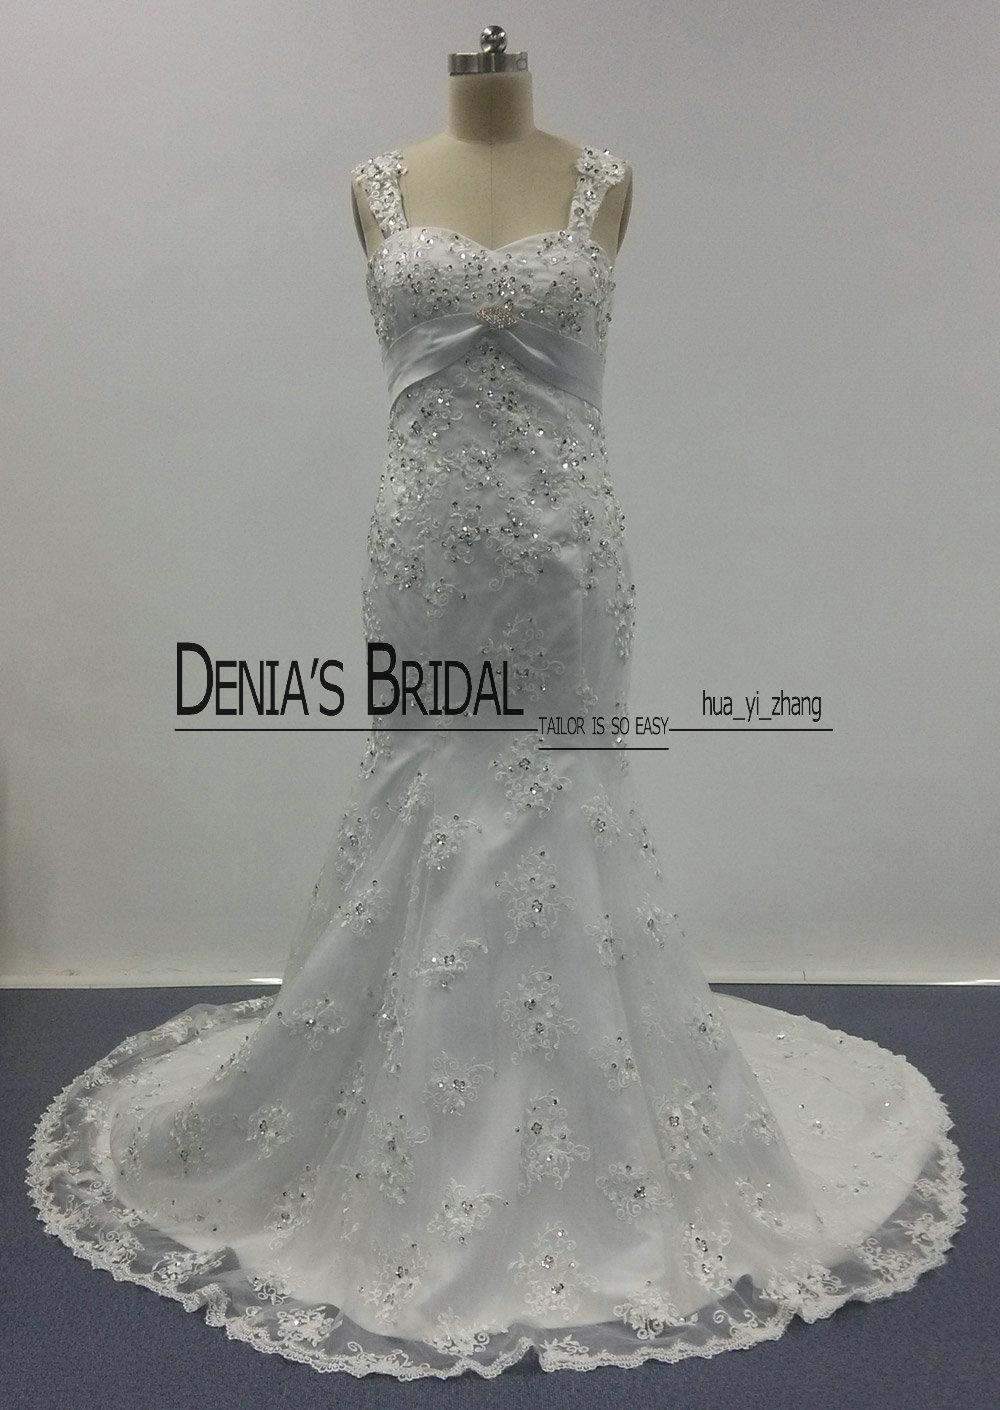 2016 pełne koronkowe suknie ślubne Tanie dekolt Syrenki Sweetheart z wyjmowanym pamiątkowym kursorem pociągu z zadaszonymi przyciskami i broszką